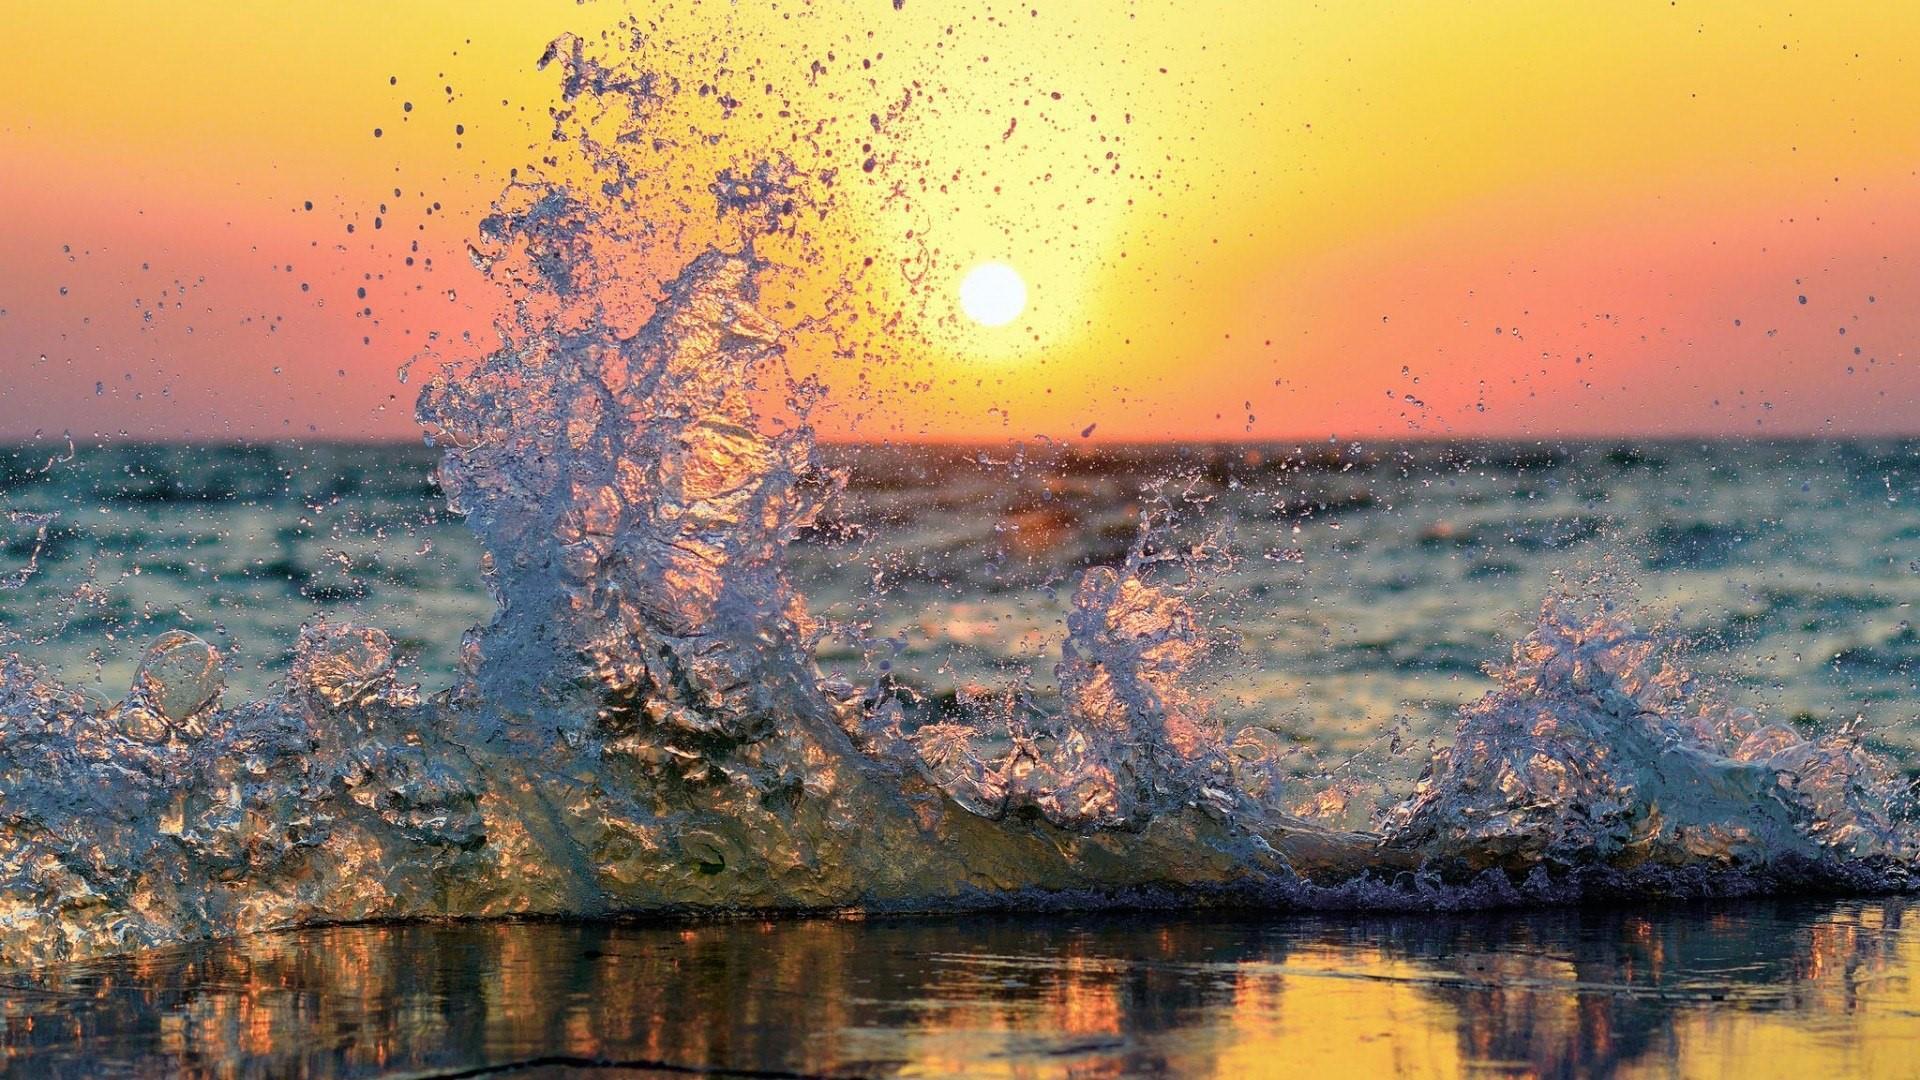 Splashing wave wallpaper